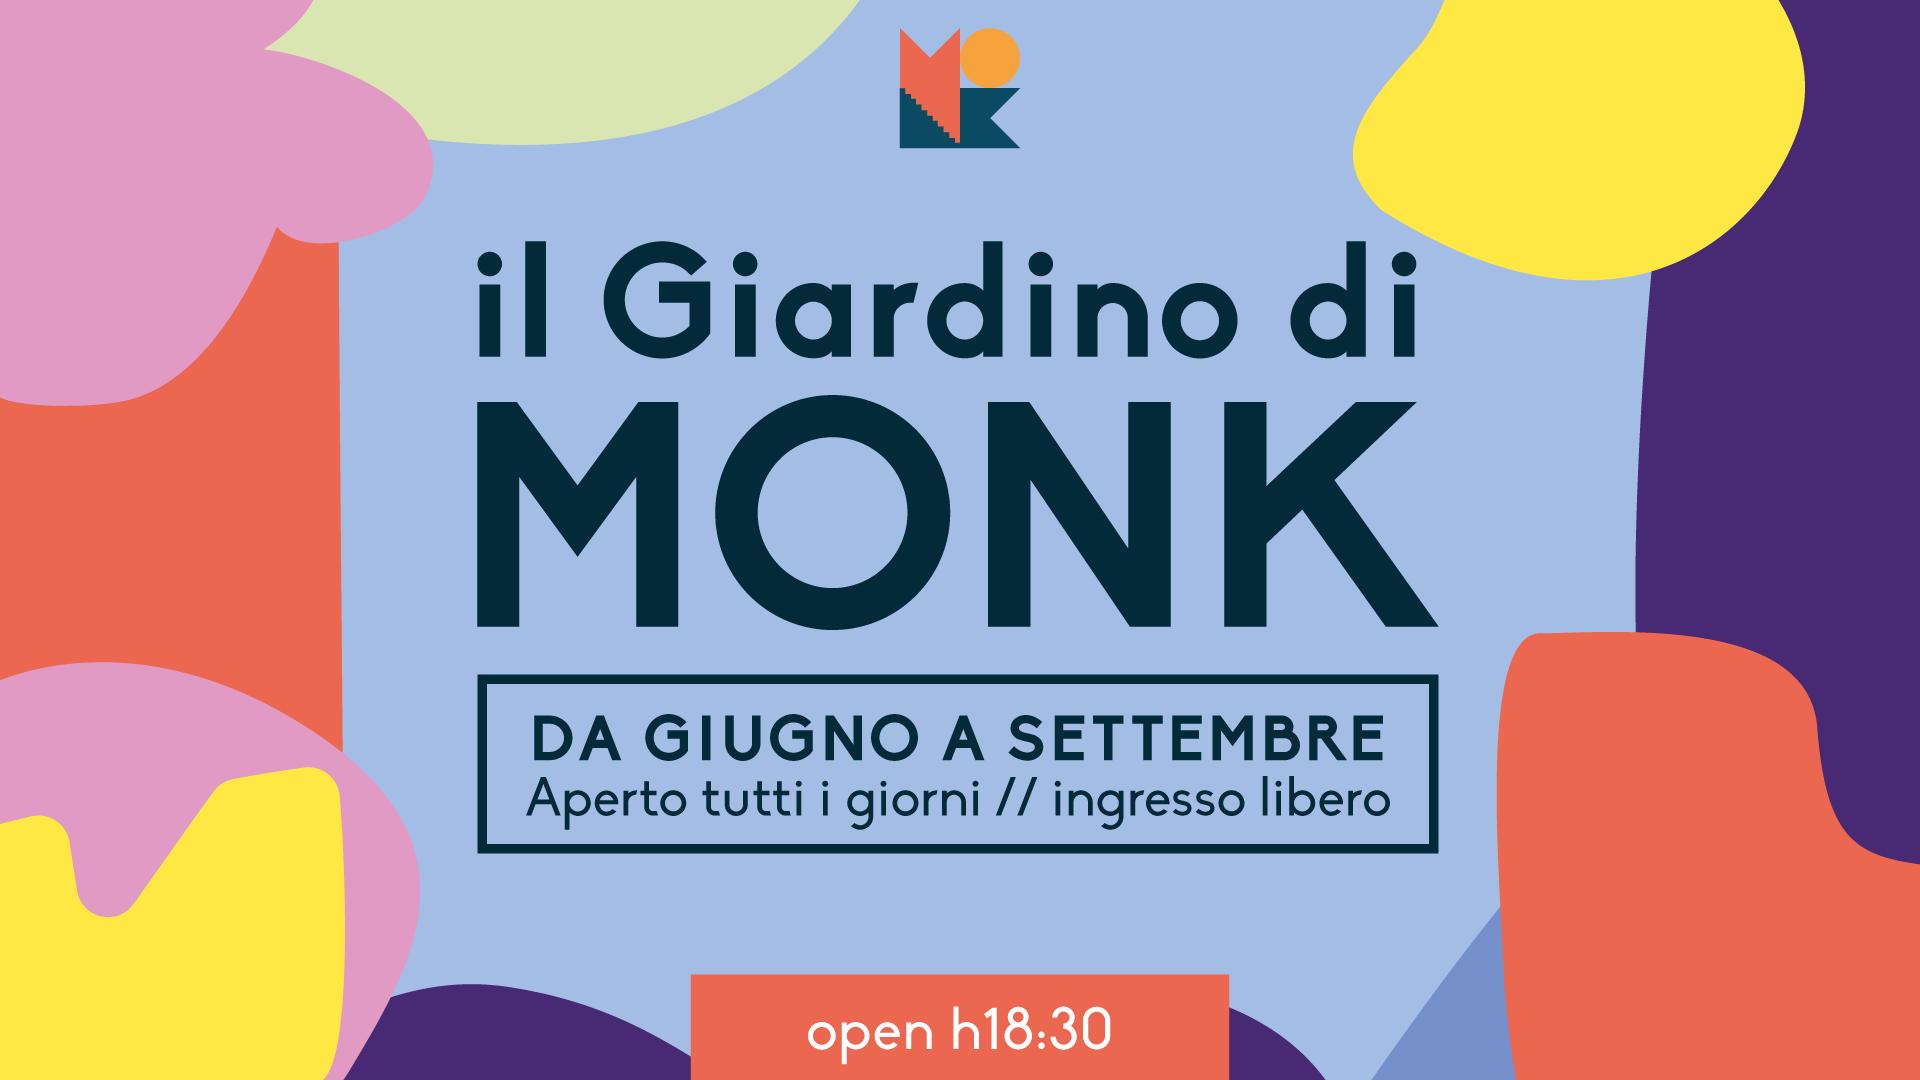 Il Giardino Di Monk Da Giugno A Settembre Monk